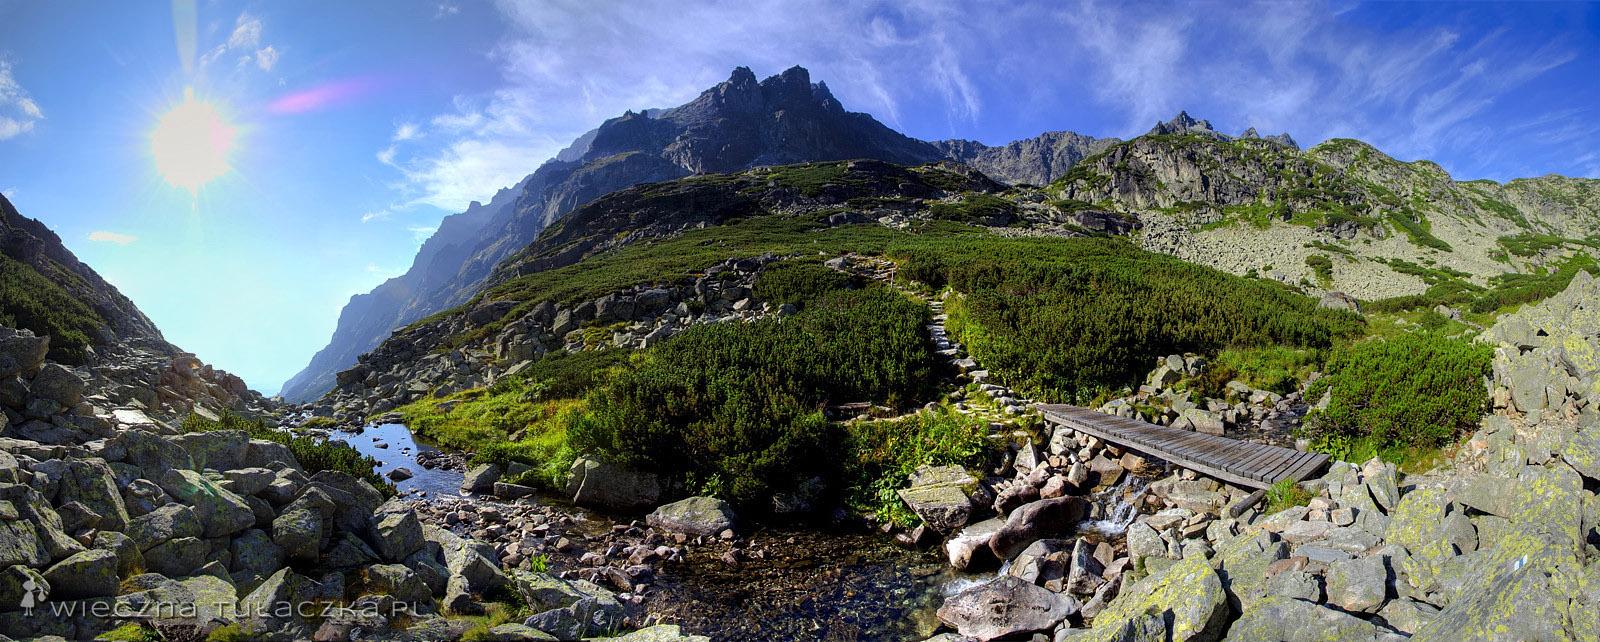 Dolina Staroleśna, szlak do Zbójnickiej Chaty